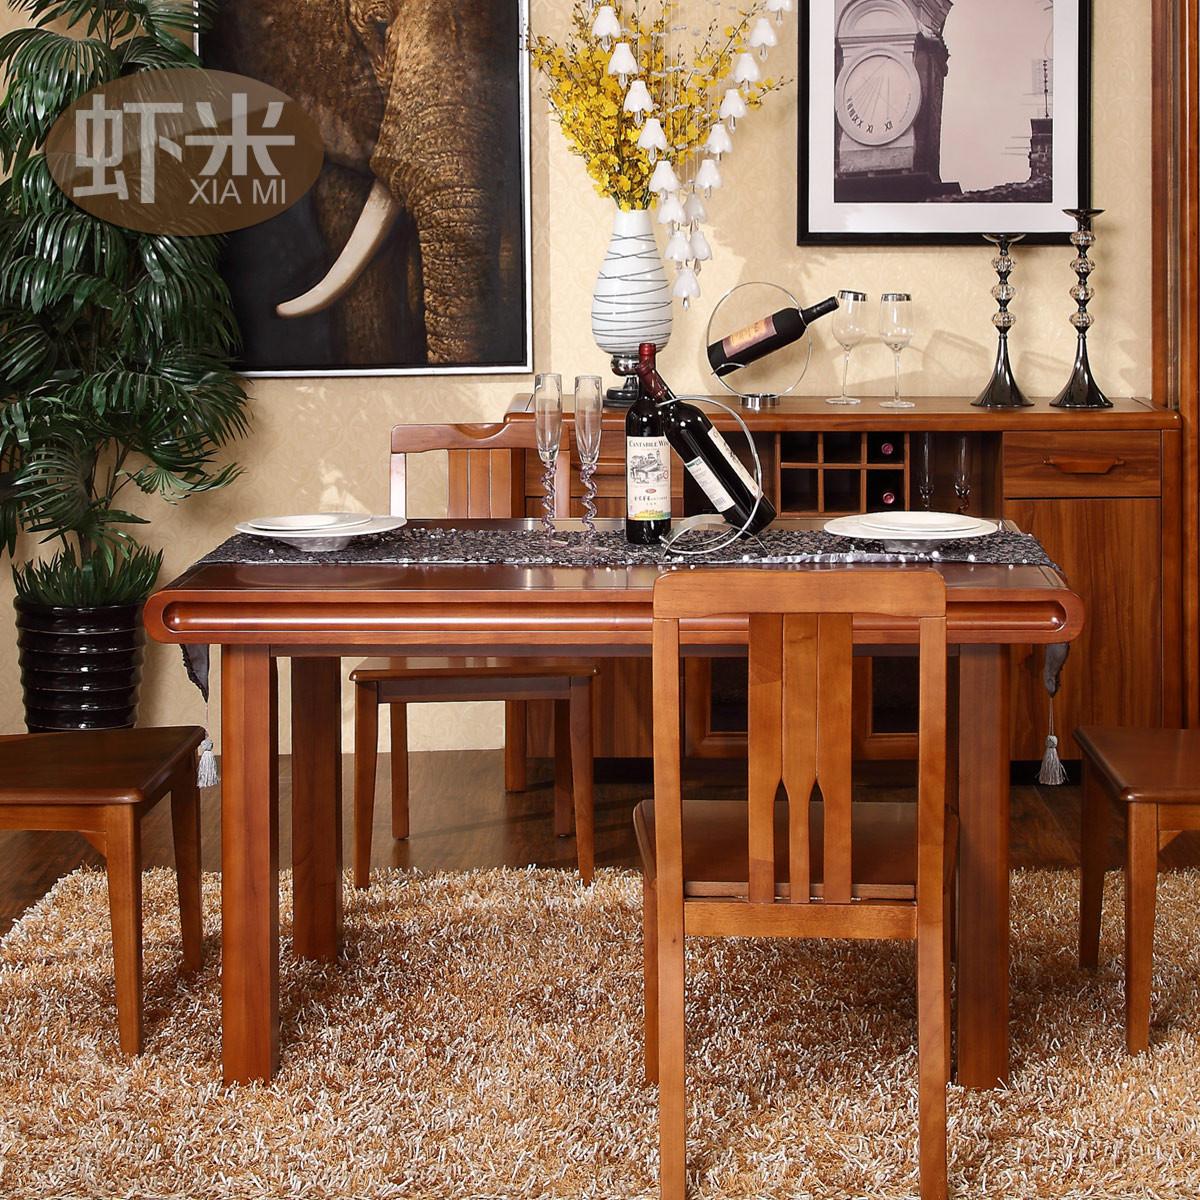 虾米餐桌餐椅*把餐桌组装框架结构橡木长方形现代中式餐桌